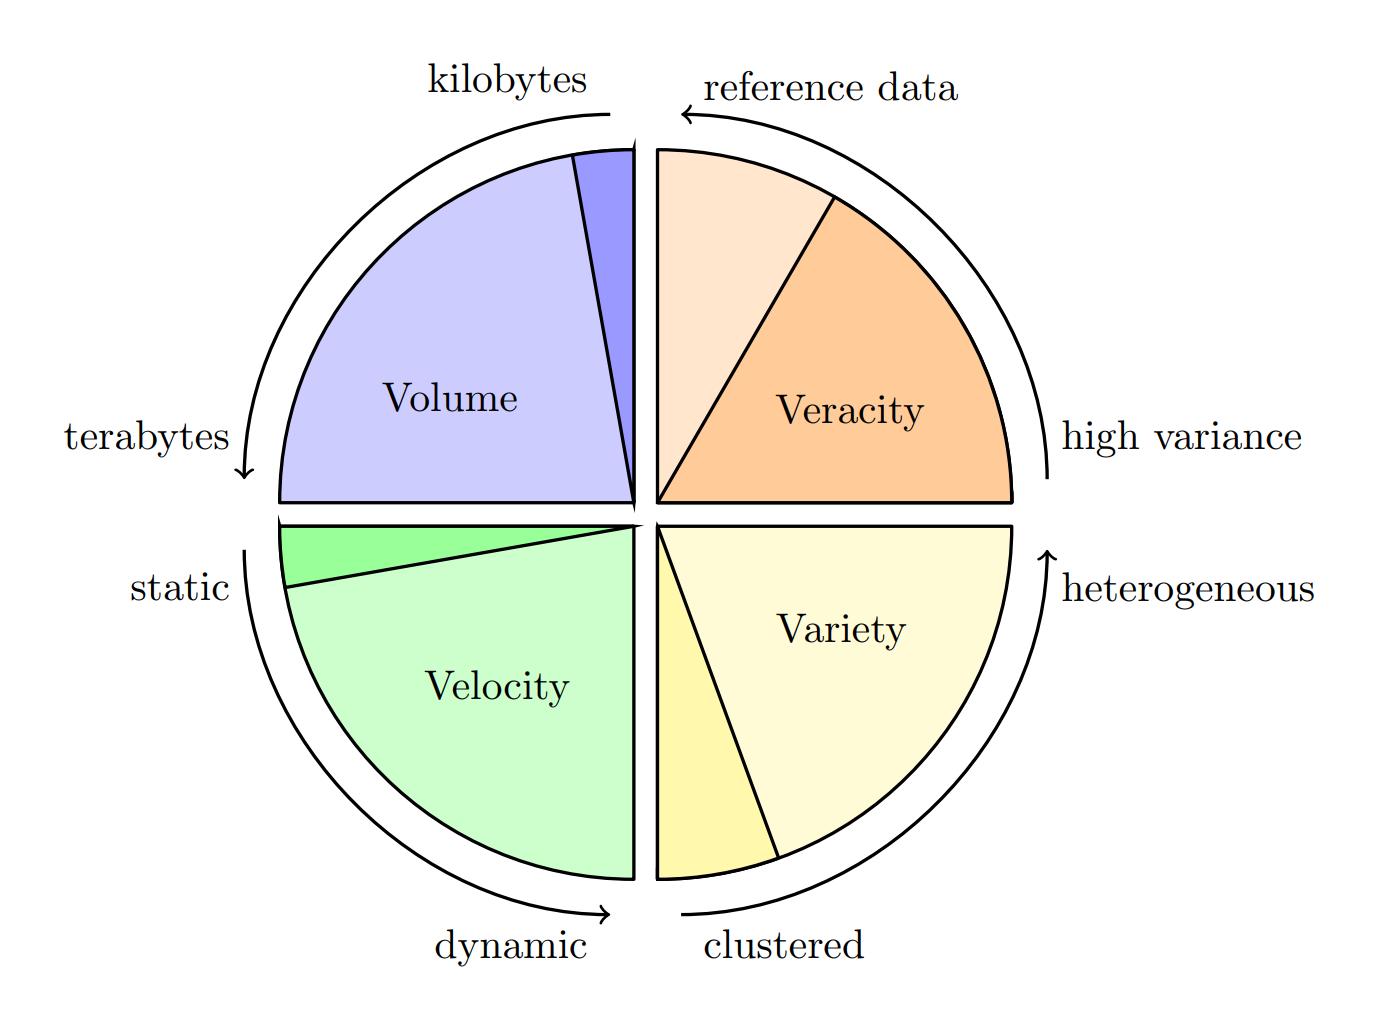 TiKZ 绘制材料科学四维状态变化的示意图